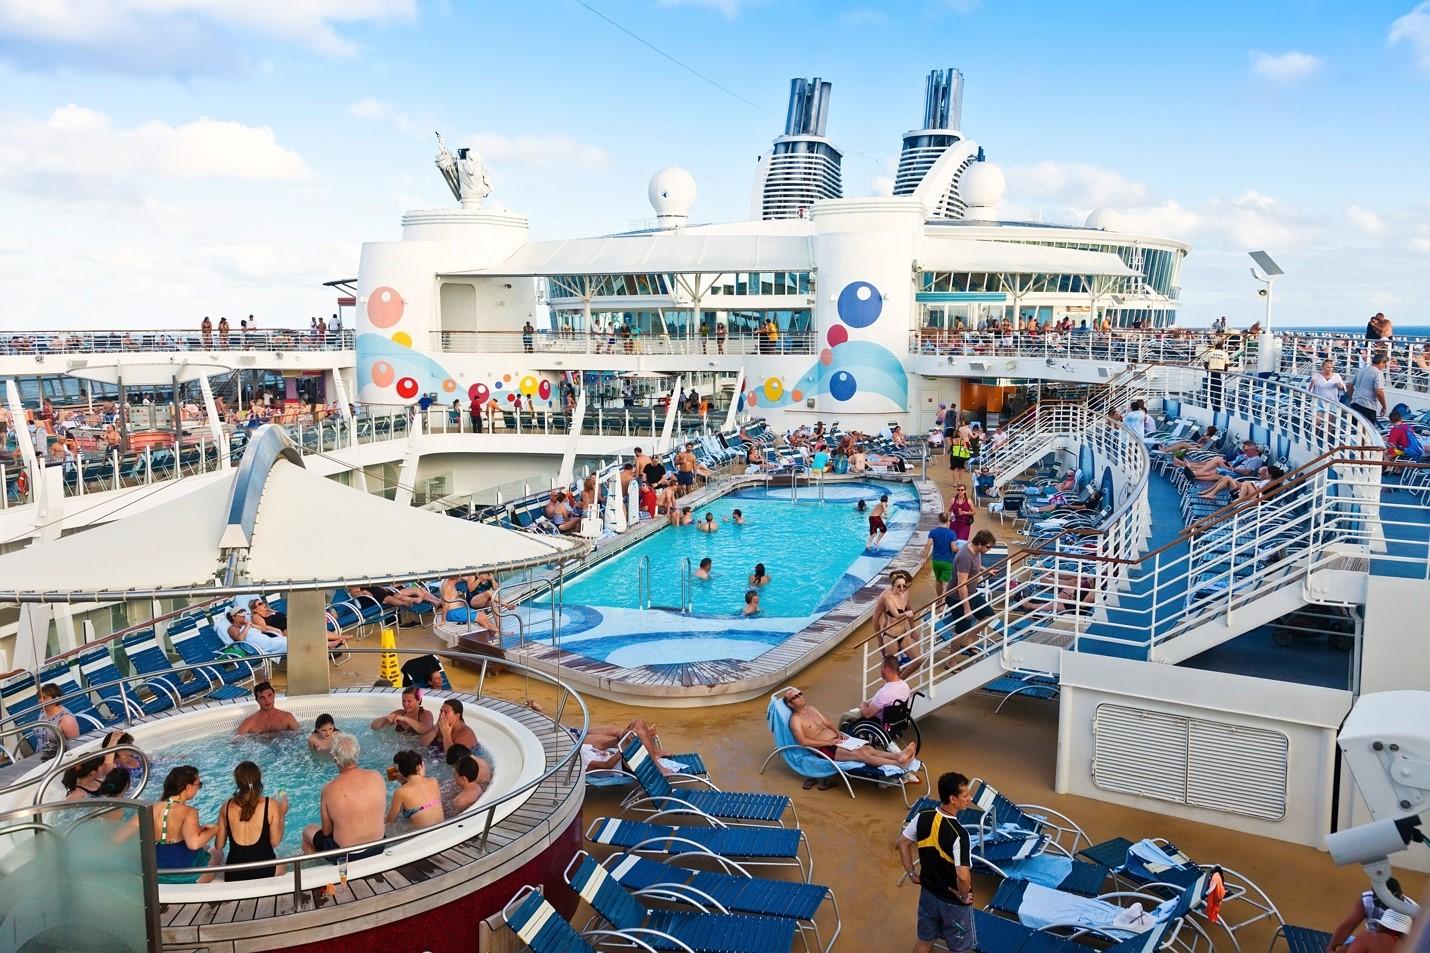 Florida Cruise Injury Lawyers